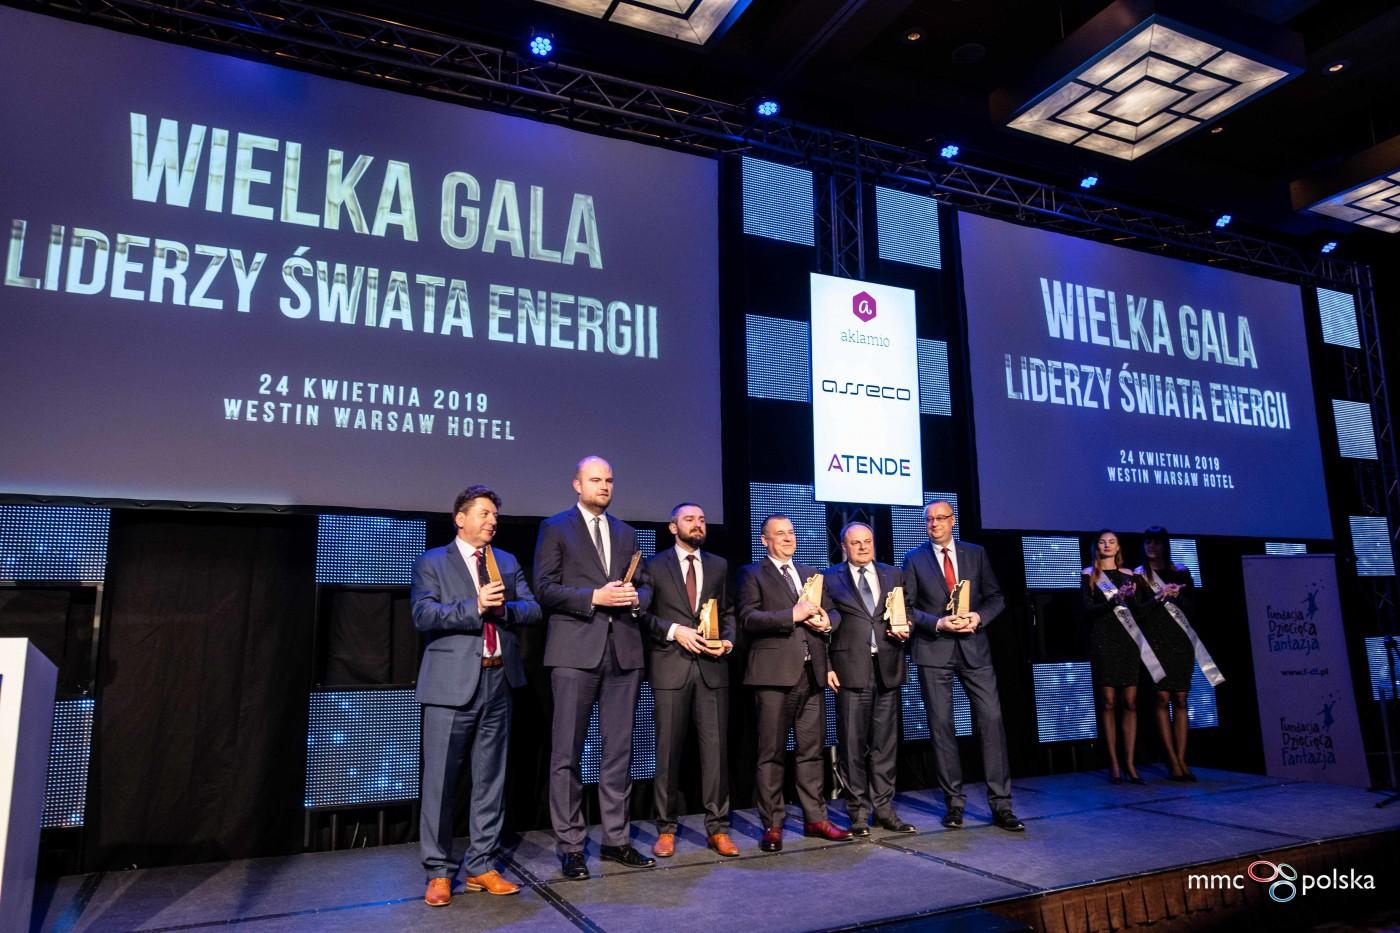 henryk-baranowski-managerem-roku-w-konkursie-liderzy-swiata-energii.jpg